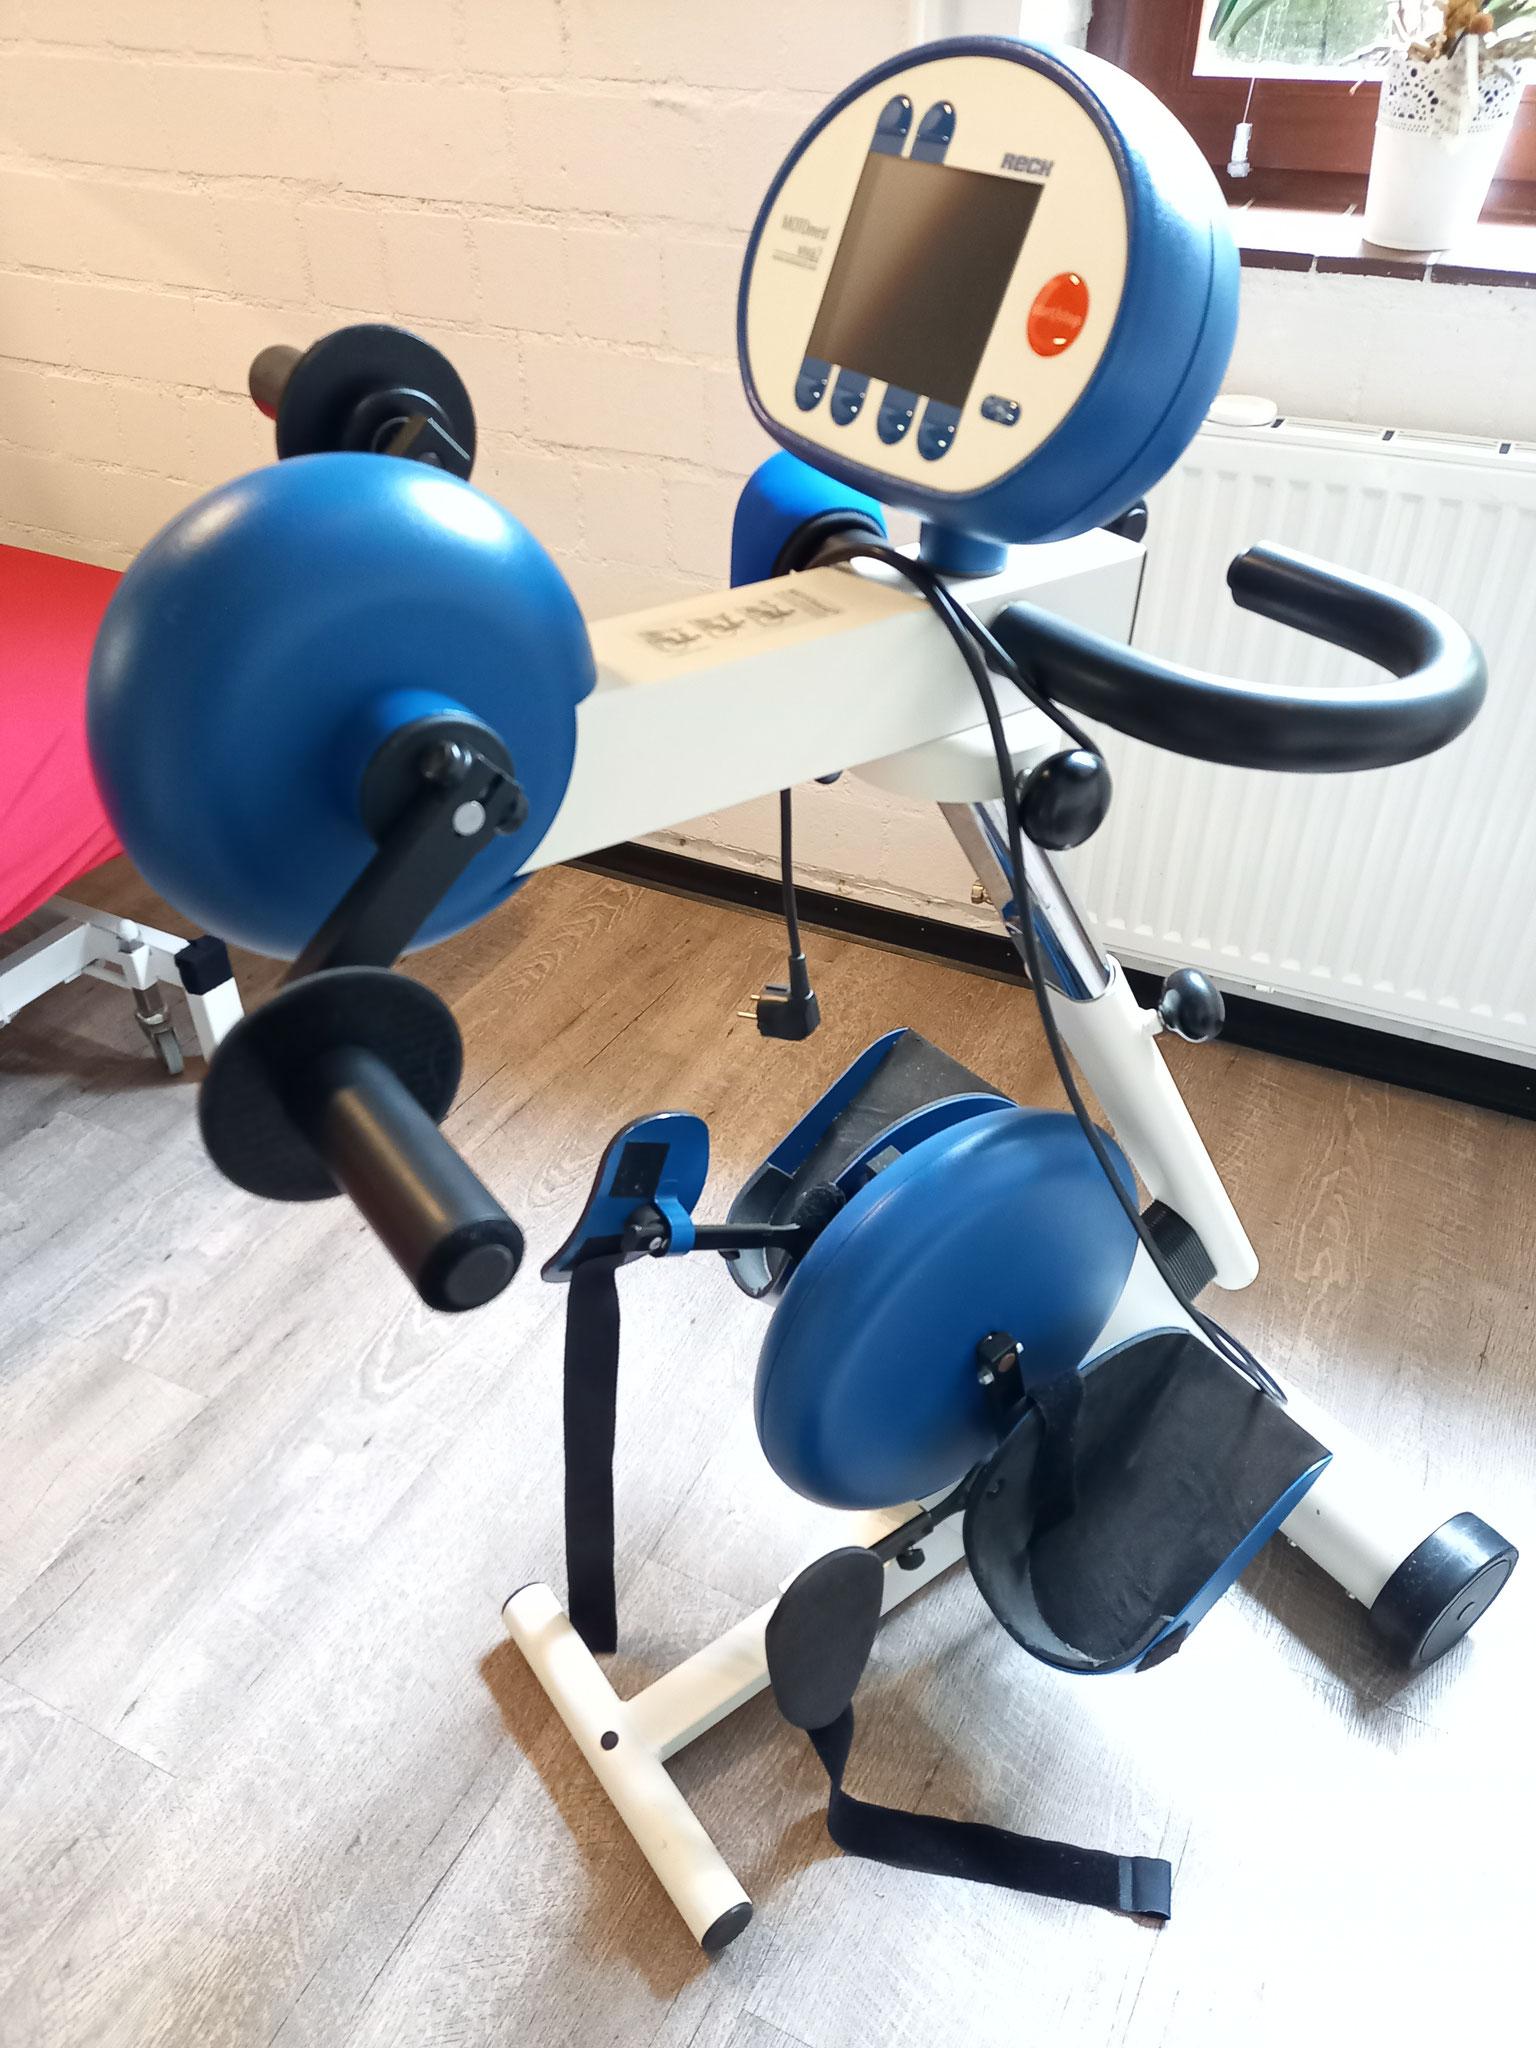 Ergänzend kann am Motomed die Beweglichkeit erhalten oder verbessert werden, Körperfunktionen gestärkt und Schmerzen gelindert werden